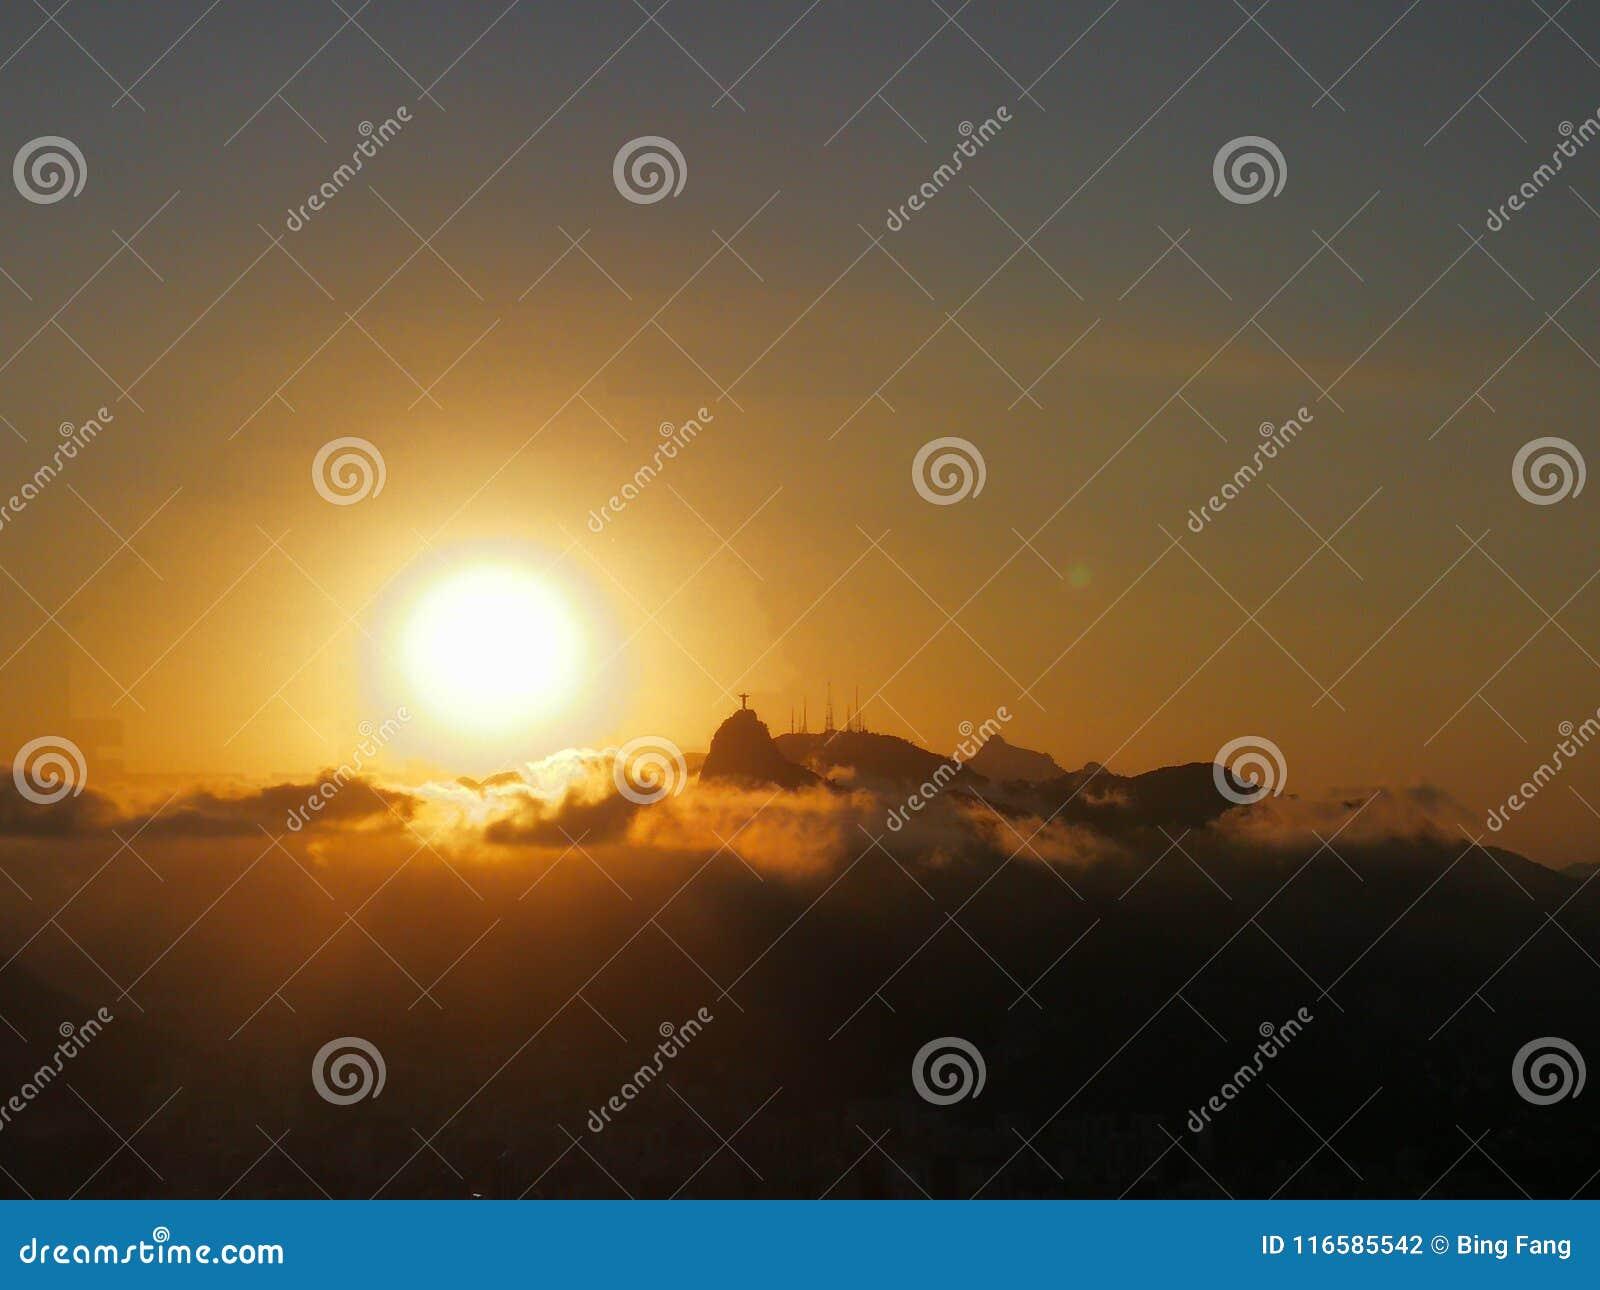 Cloud Sunset And The Jesus Stock Photo Image Of Jesus Janeiro